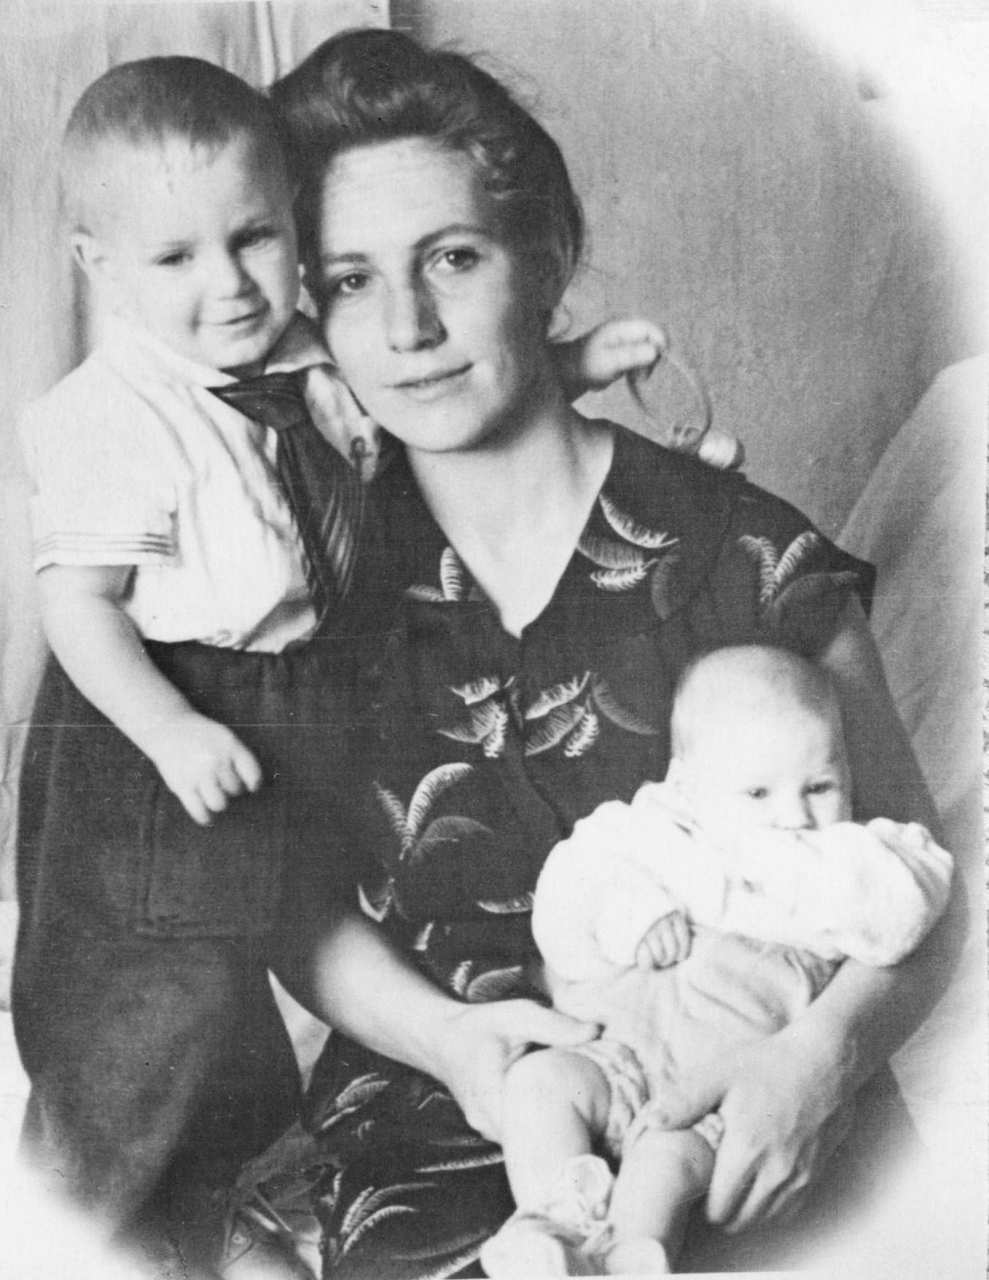 1958, Сергей, мама и я. Жена Афанасьева В.И. с детьми - Еленой и Сергеем. 1958 год.